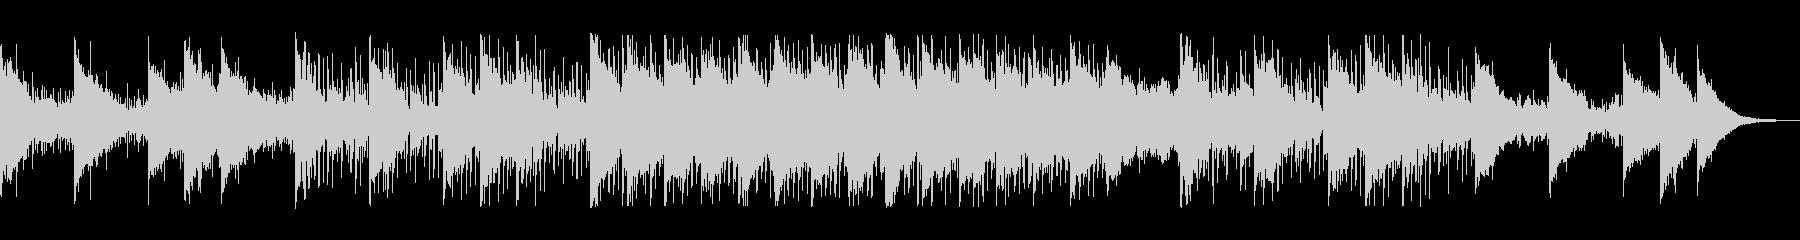 電子音の混じりの滑らかなテンポのテクノ音の未再生の波形